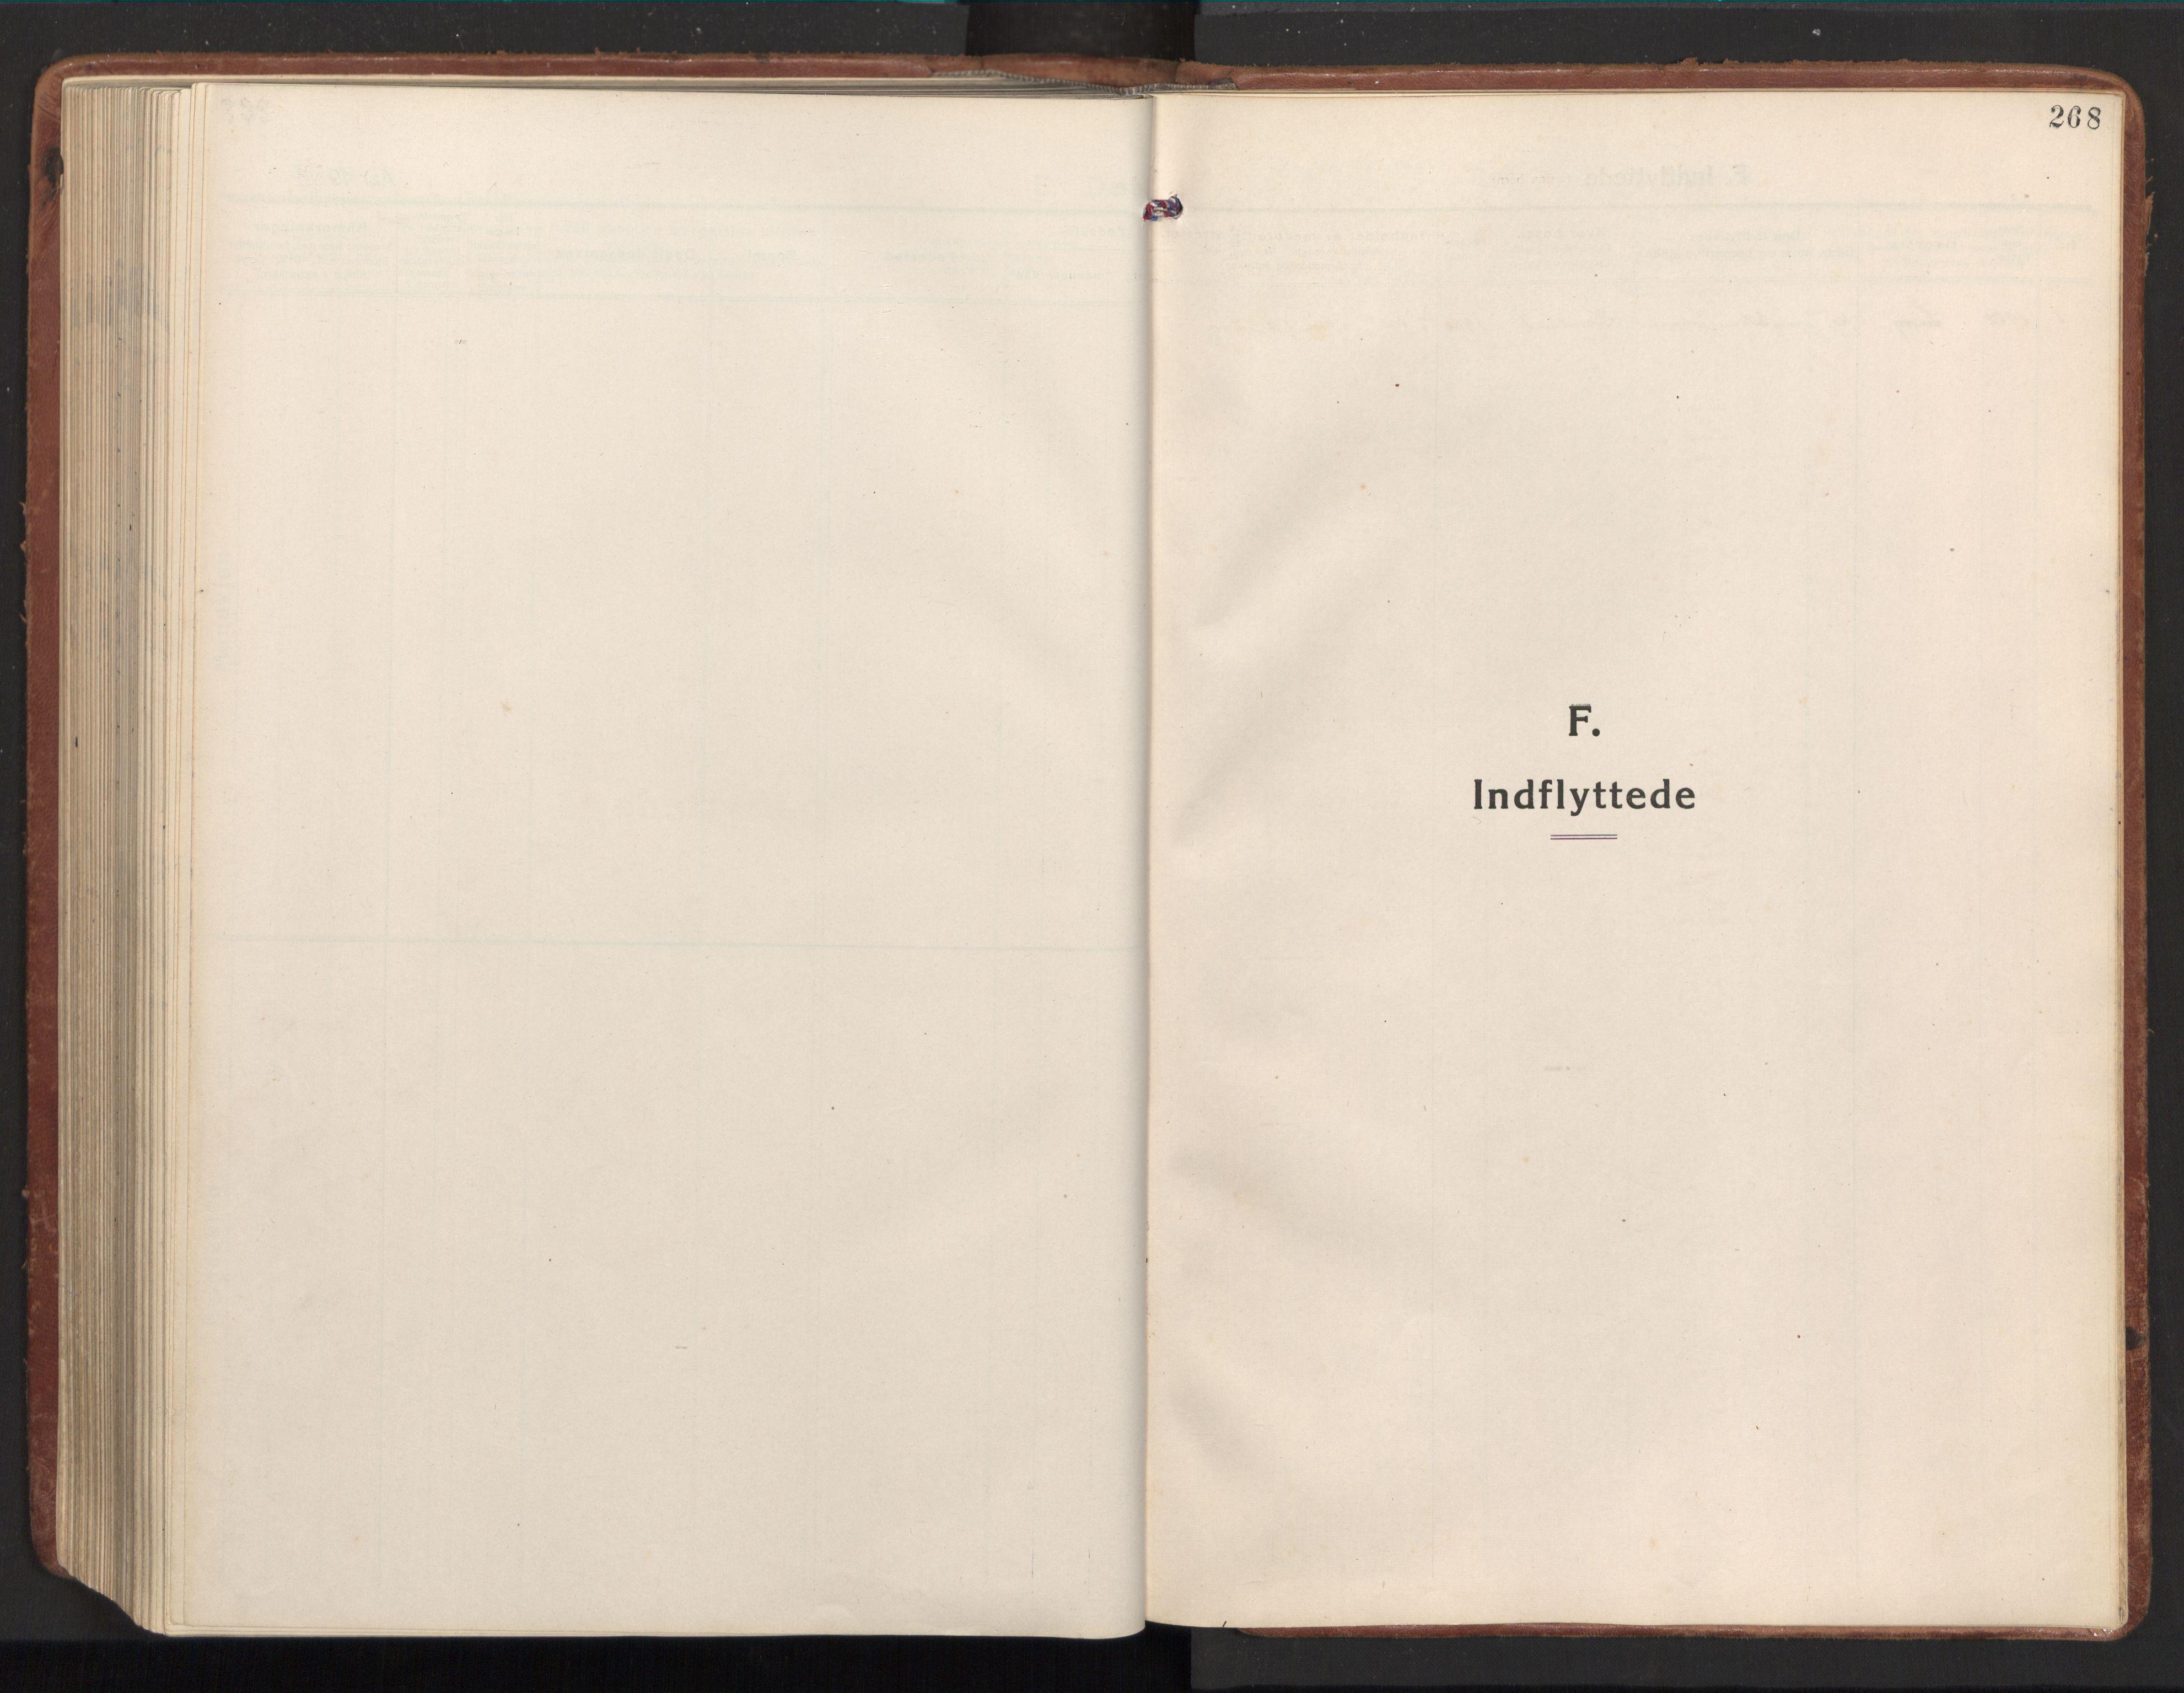 SAT, Ministerialprotokoller, klokkerbøker og fødselsregistre - Nord-Trøndelag, 784/L0678: Ministerialbok nr. 784A13, 1921-1938, s. 268